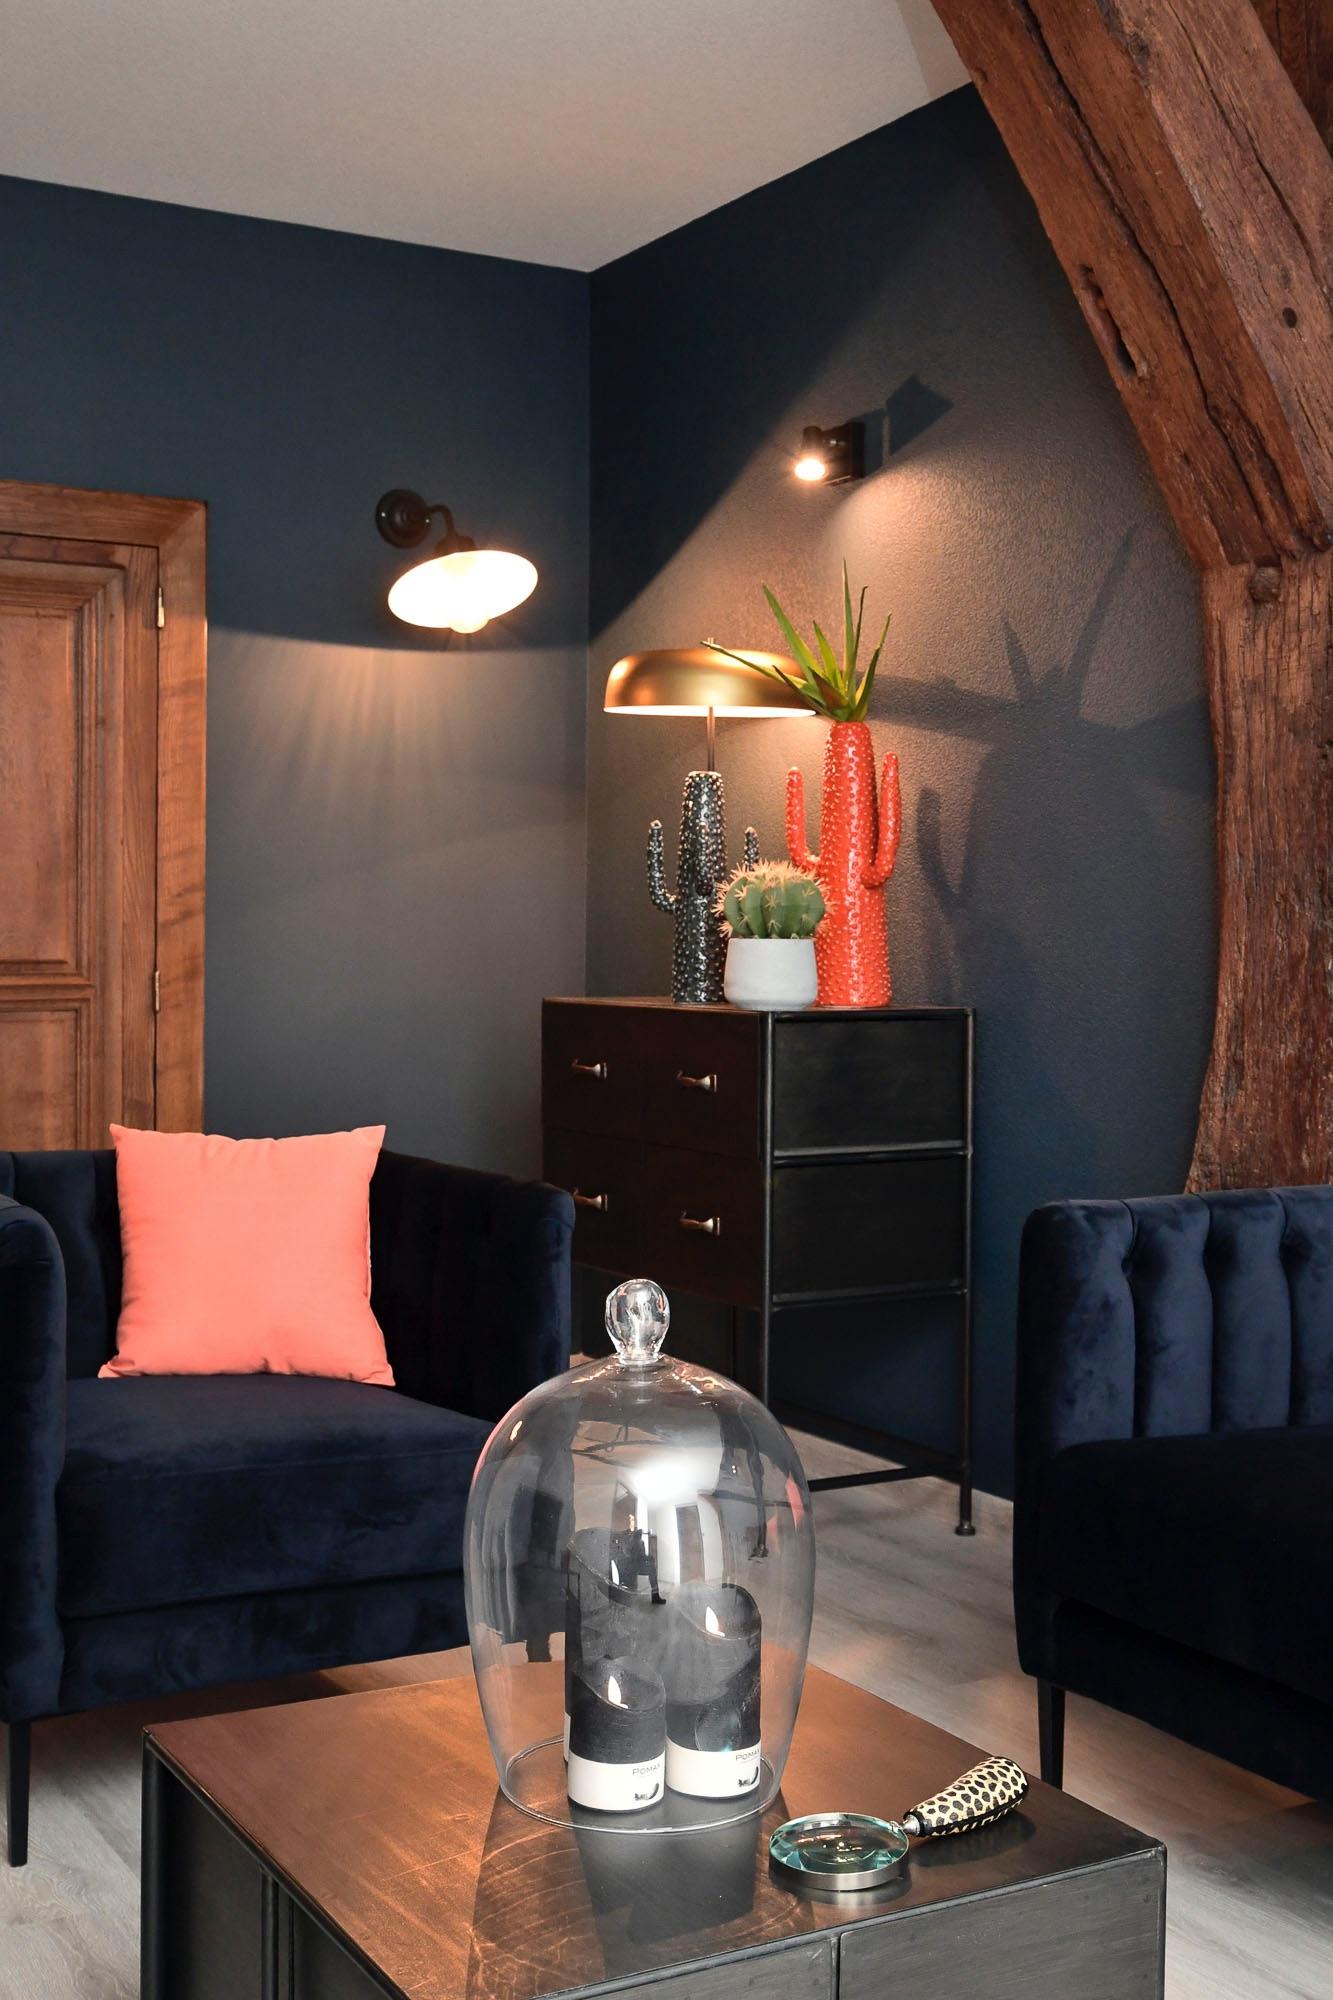 La corr rie chambres et table d 39 h tes tripnbike - Chambre d hotes region parisienne ...